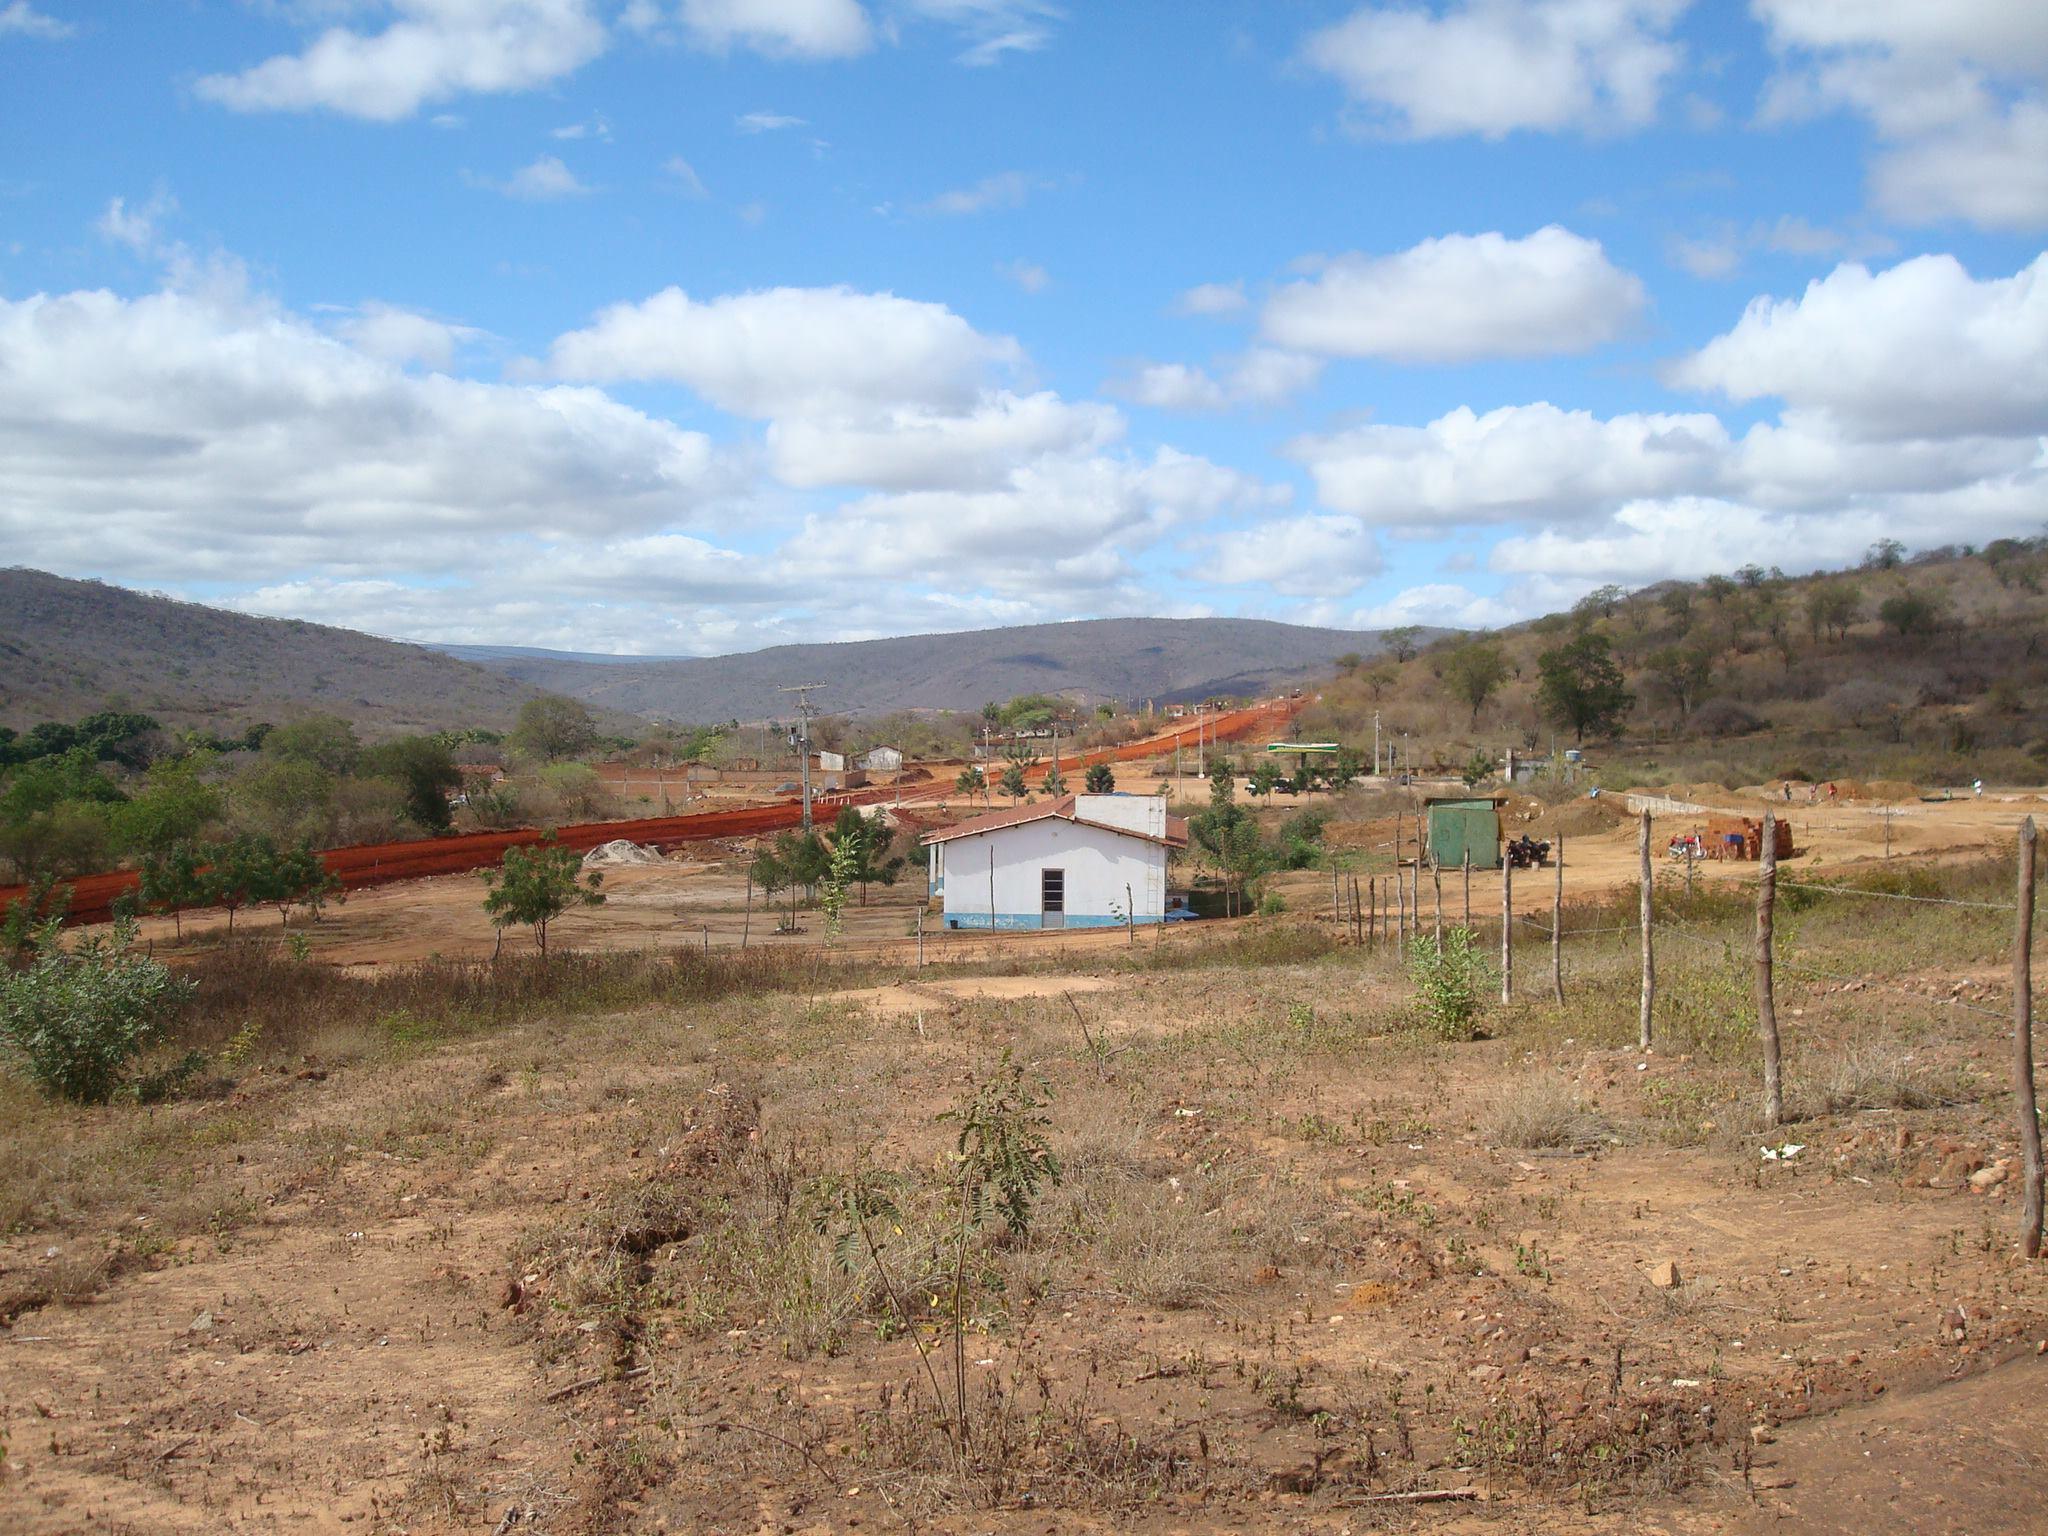 Fotos-uit-de-regio-van-Ibitiara-en-Seabra-aan-de-grote-BR-242-25